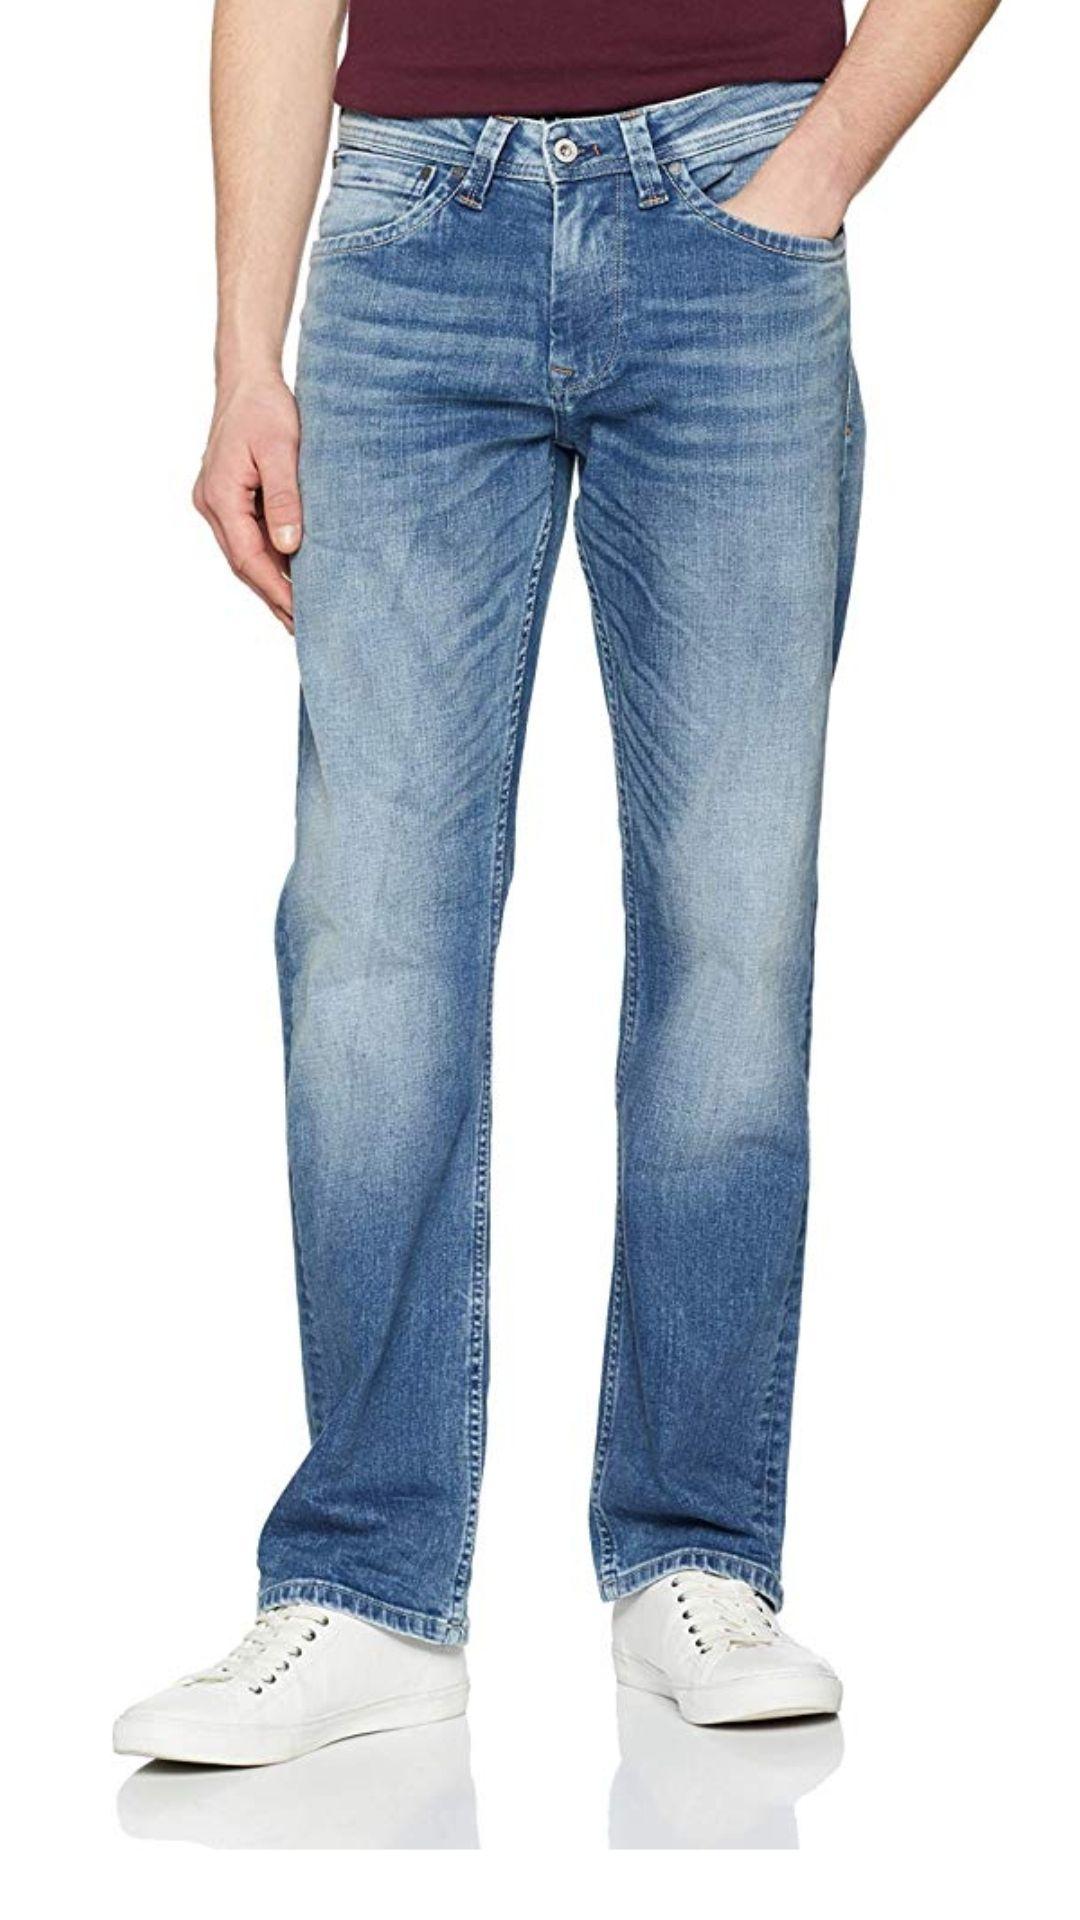 Pepe Jeans Kingston Zip Vaqueros Straight, ((Denim Gris Gm2), W28/L32 (38 ES) para Hombre